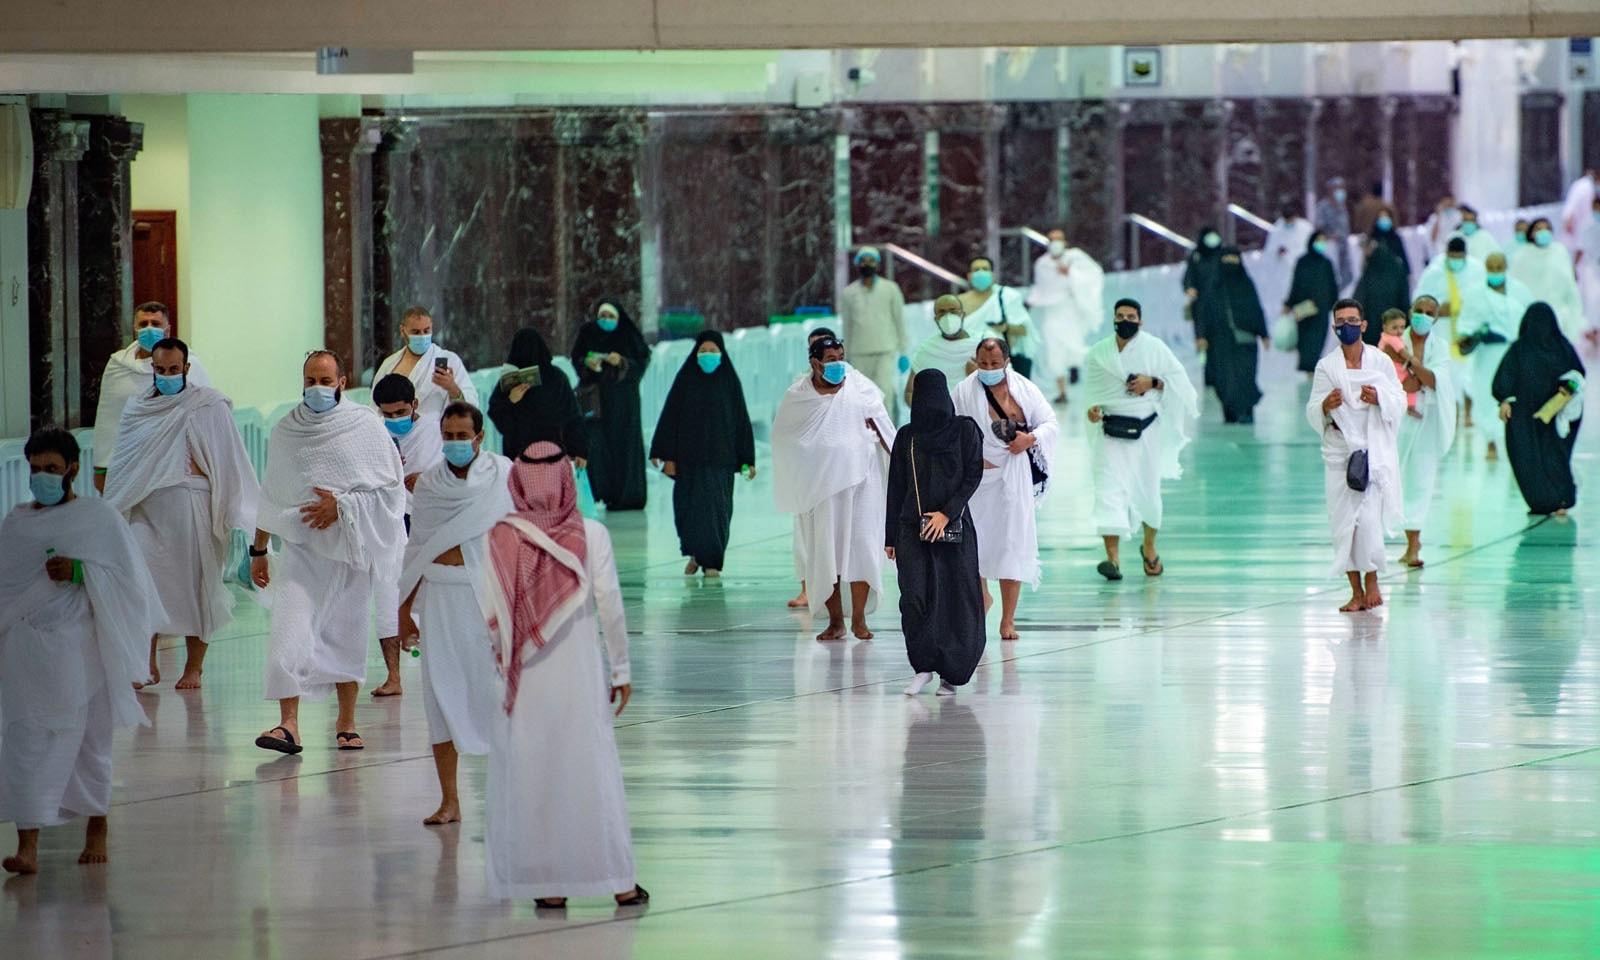 ایک ہزار ملازمین کو عمرے اور مسجد الحرام کی صورتحال کی نگرانی کے لیے تربیت دی گئی ہے—فوٹو: اے ایف پی